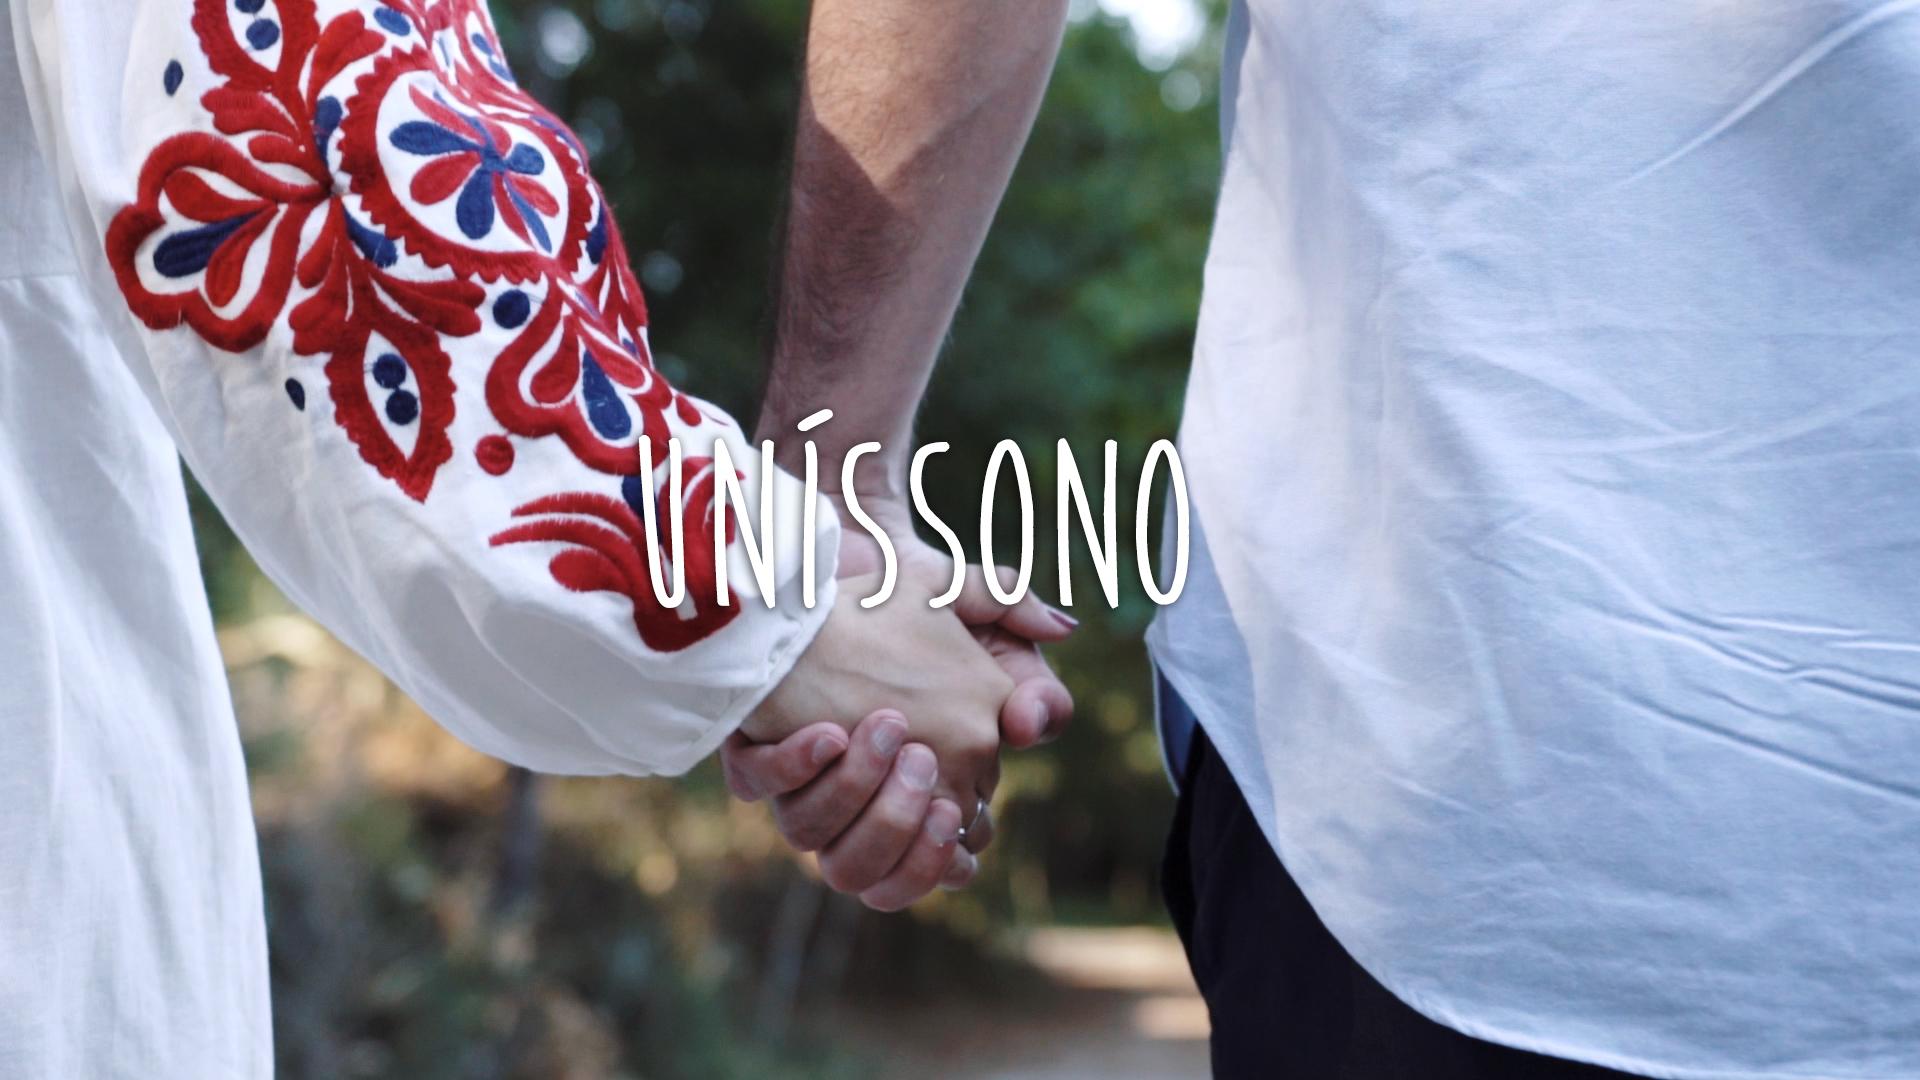 15_Thumbnail_video_mae_Carlota_unissono.jpg